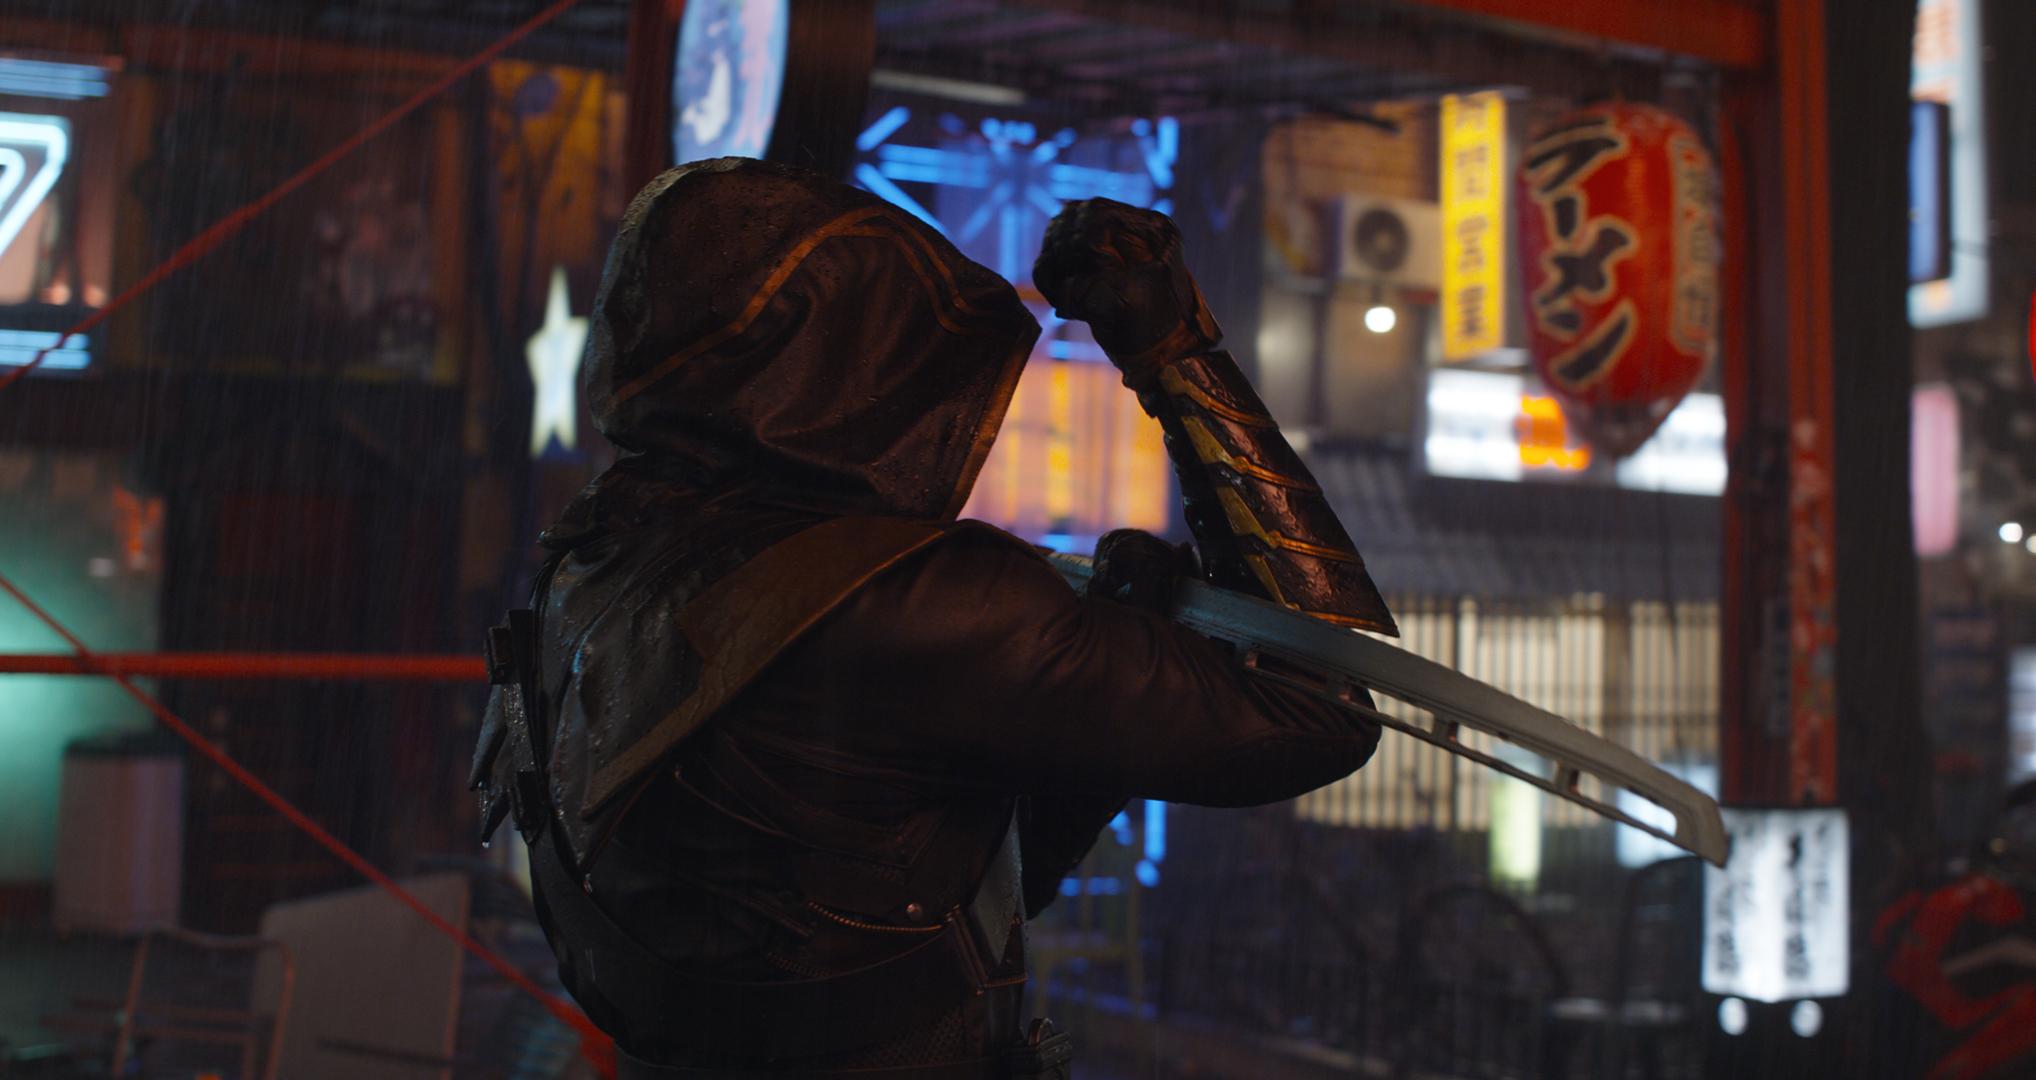 avengers-endgame-images-hawkeye-ronin-jeremy-renner.jpg